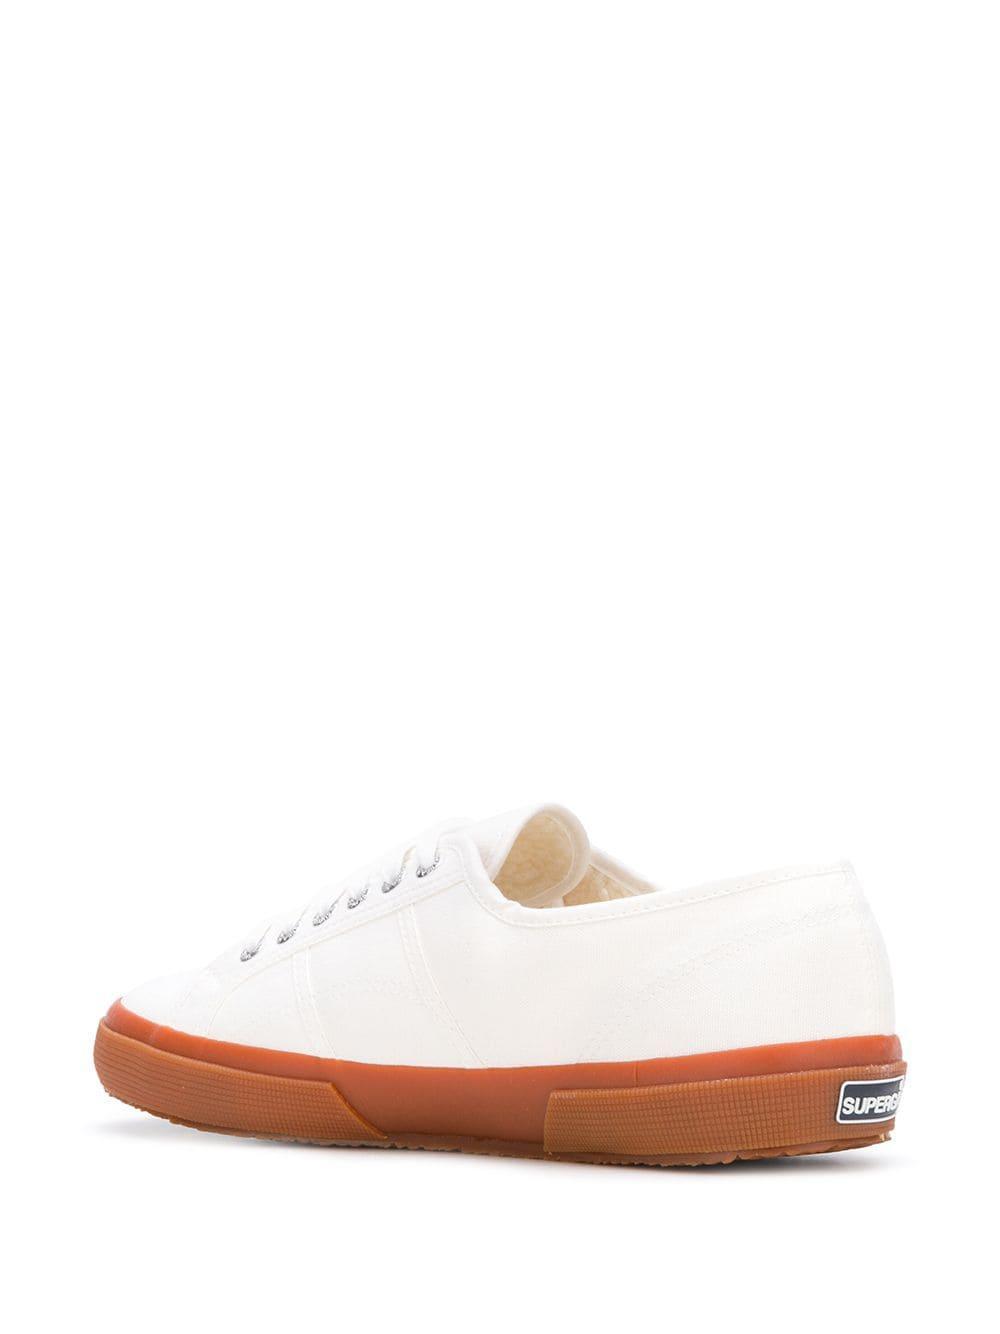 Zapatillas 2750 Cotu Classic Superga de Lona de color Blanco